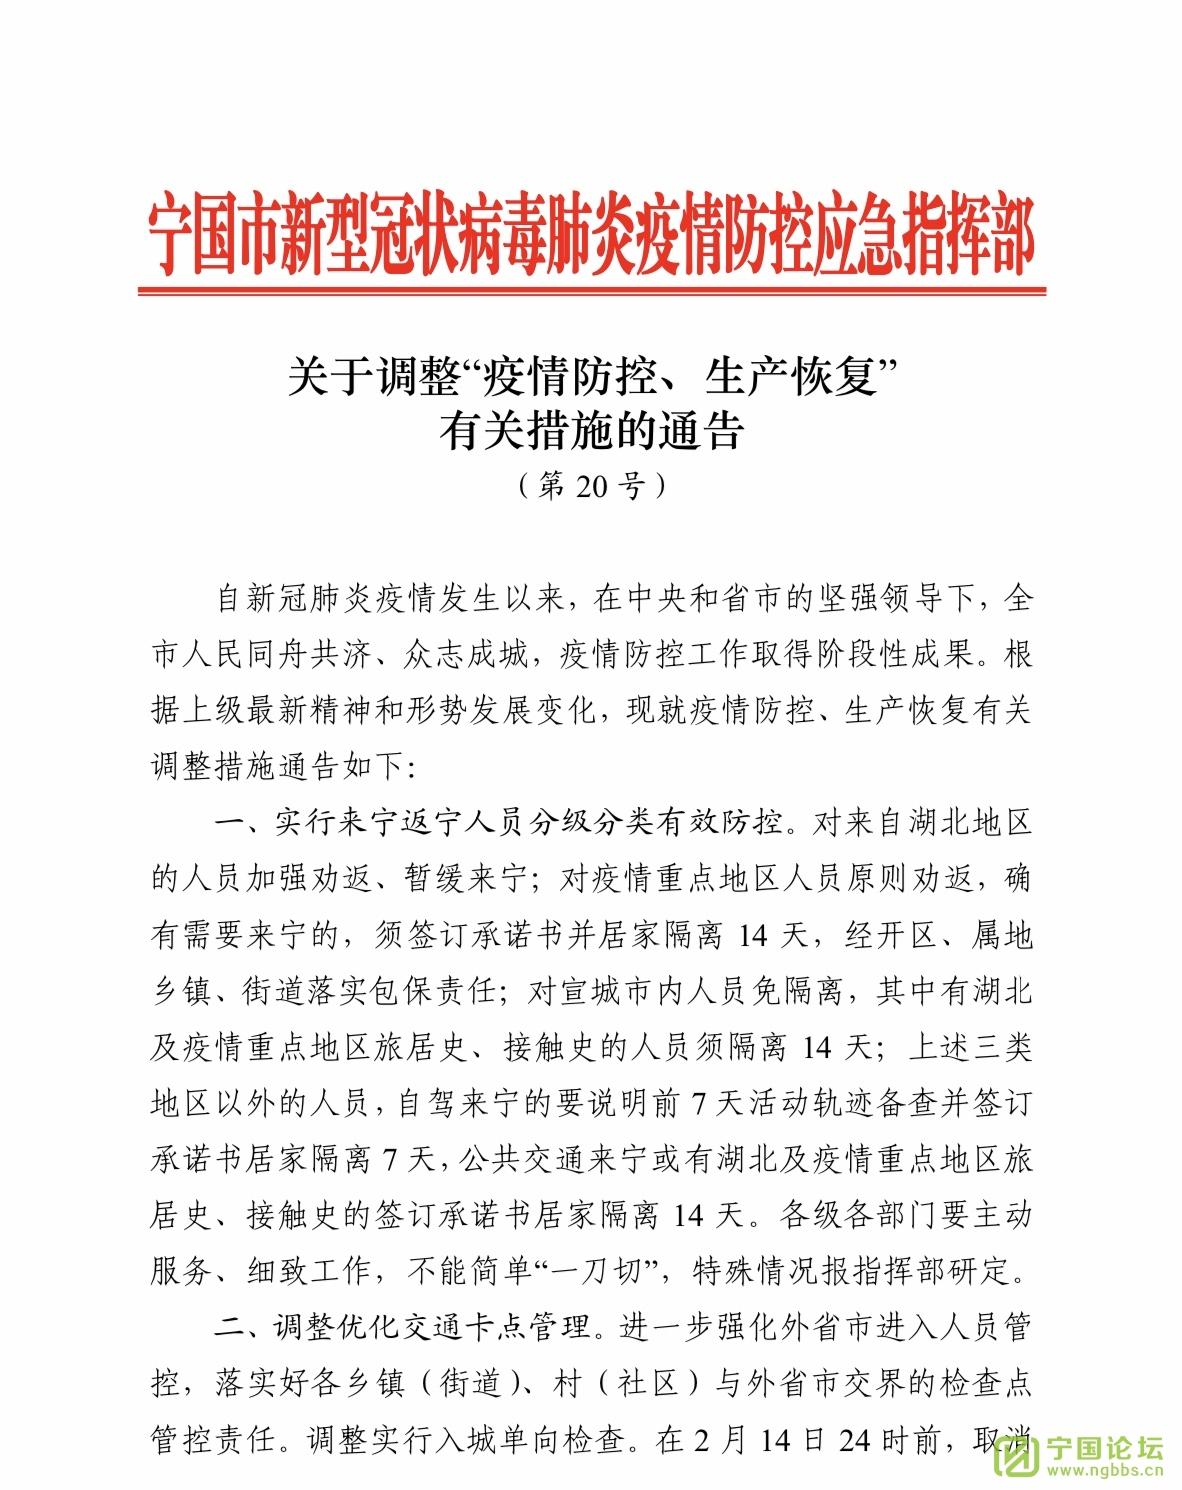 """关于调整""""疫情防控、生产恢复""""有关措施的通告 - 宁国论坛 - 10.jpg"""